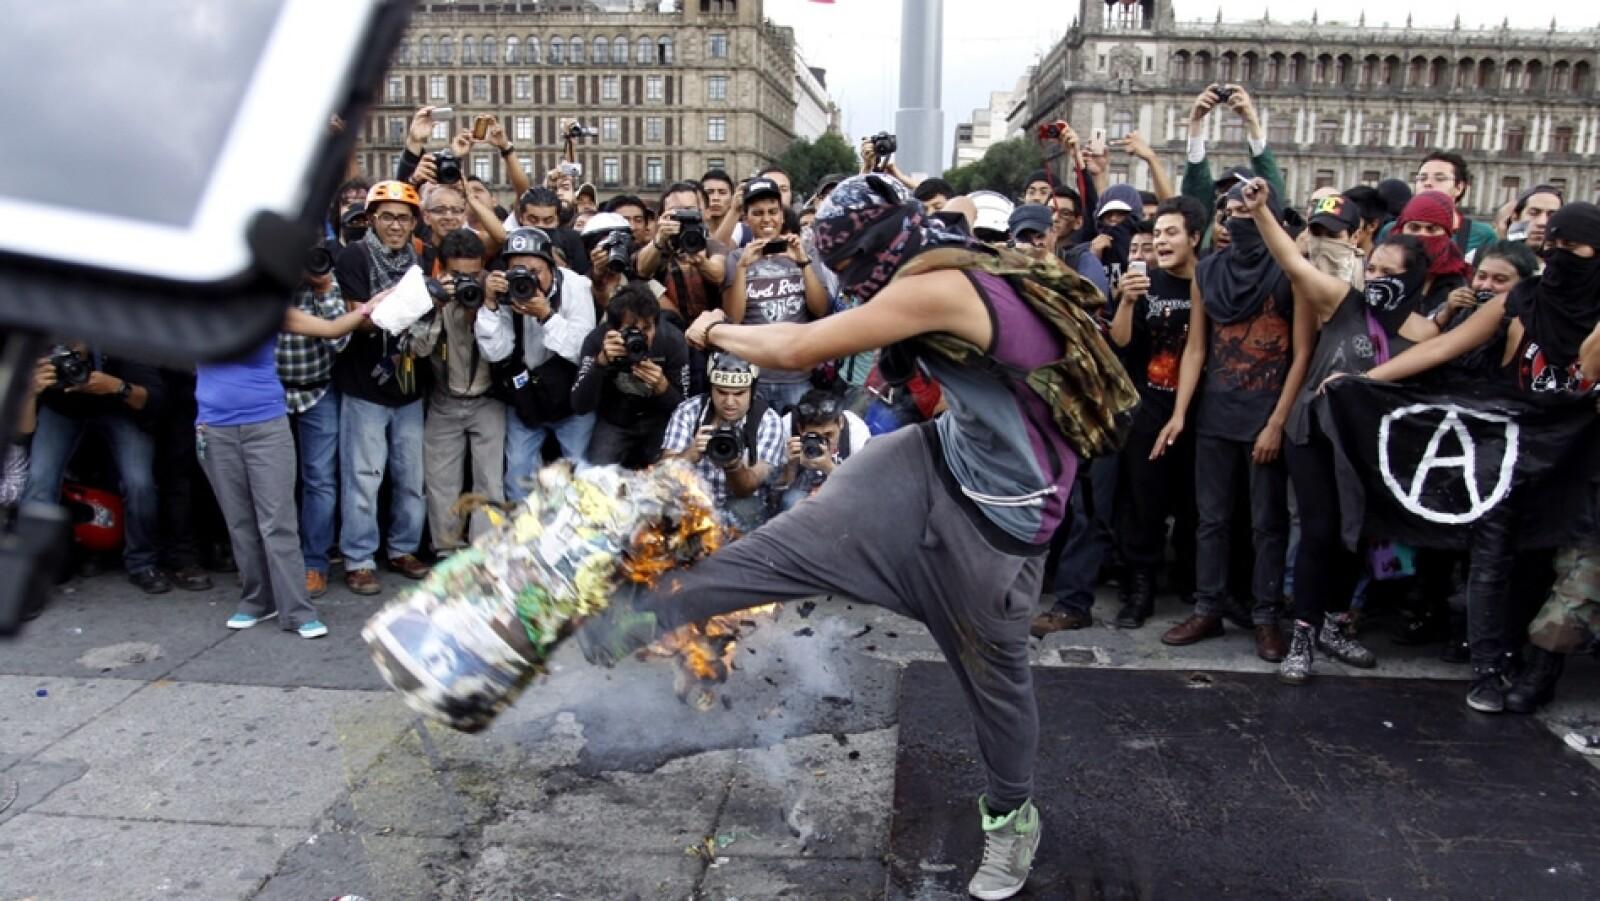 Un manifestante patea un objeto ante la mirada de sus compañeros de marcha